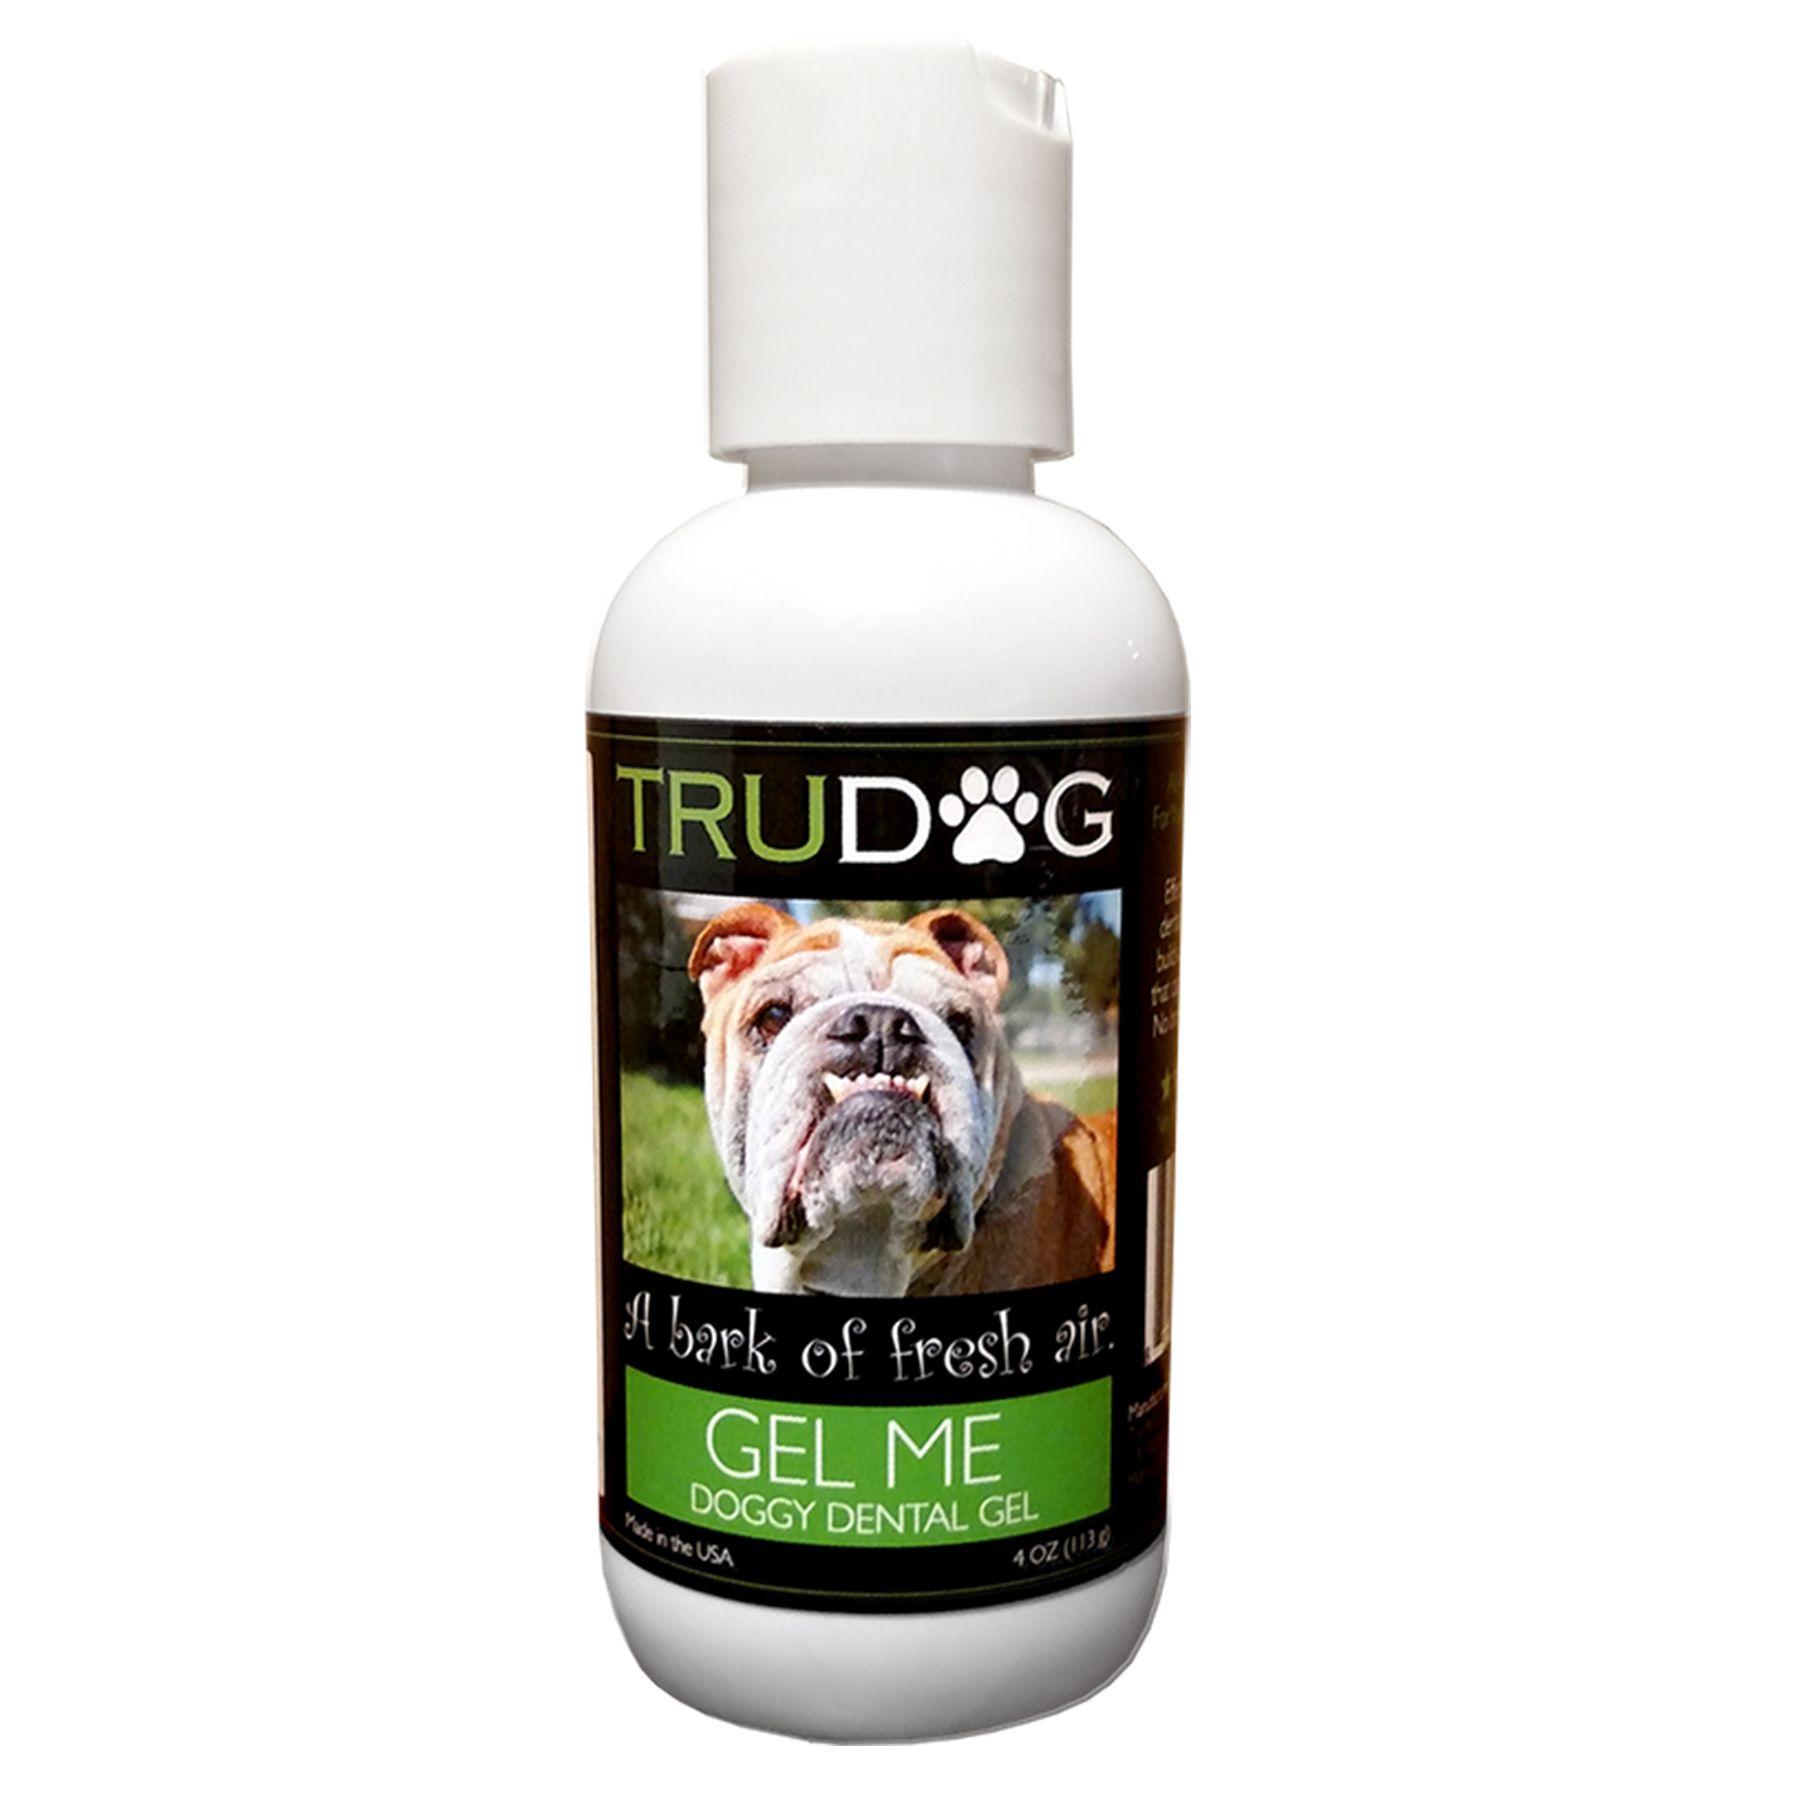 Trudog Gel Me Doggy Dental Gel Size 4 Fl Oz